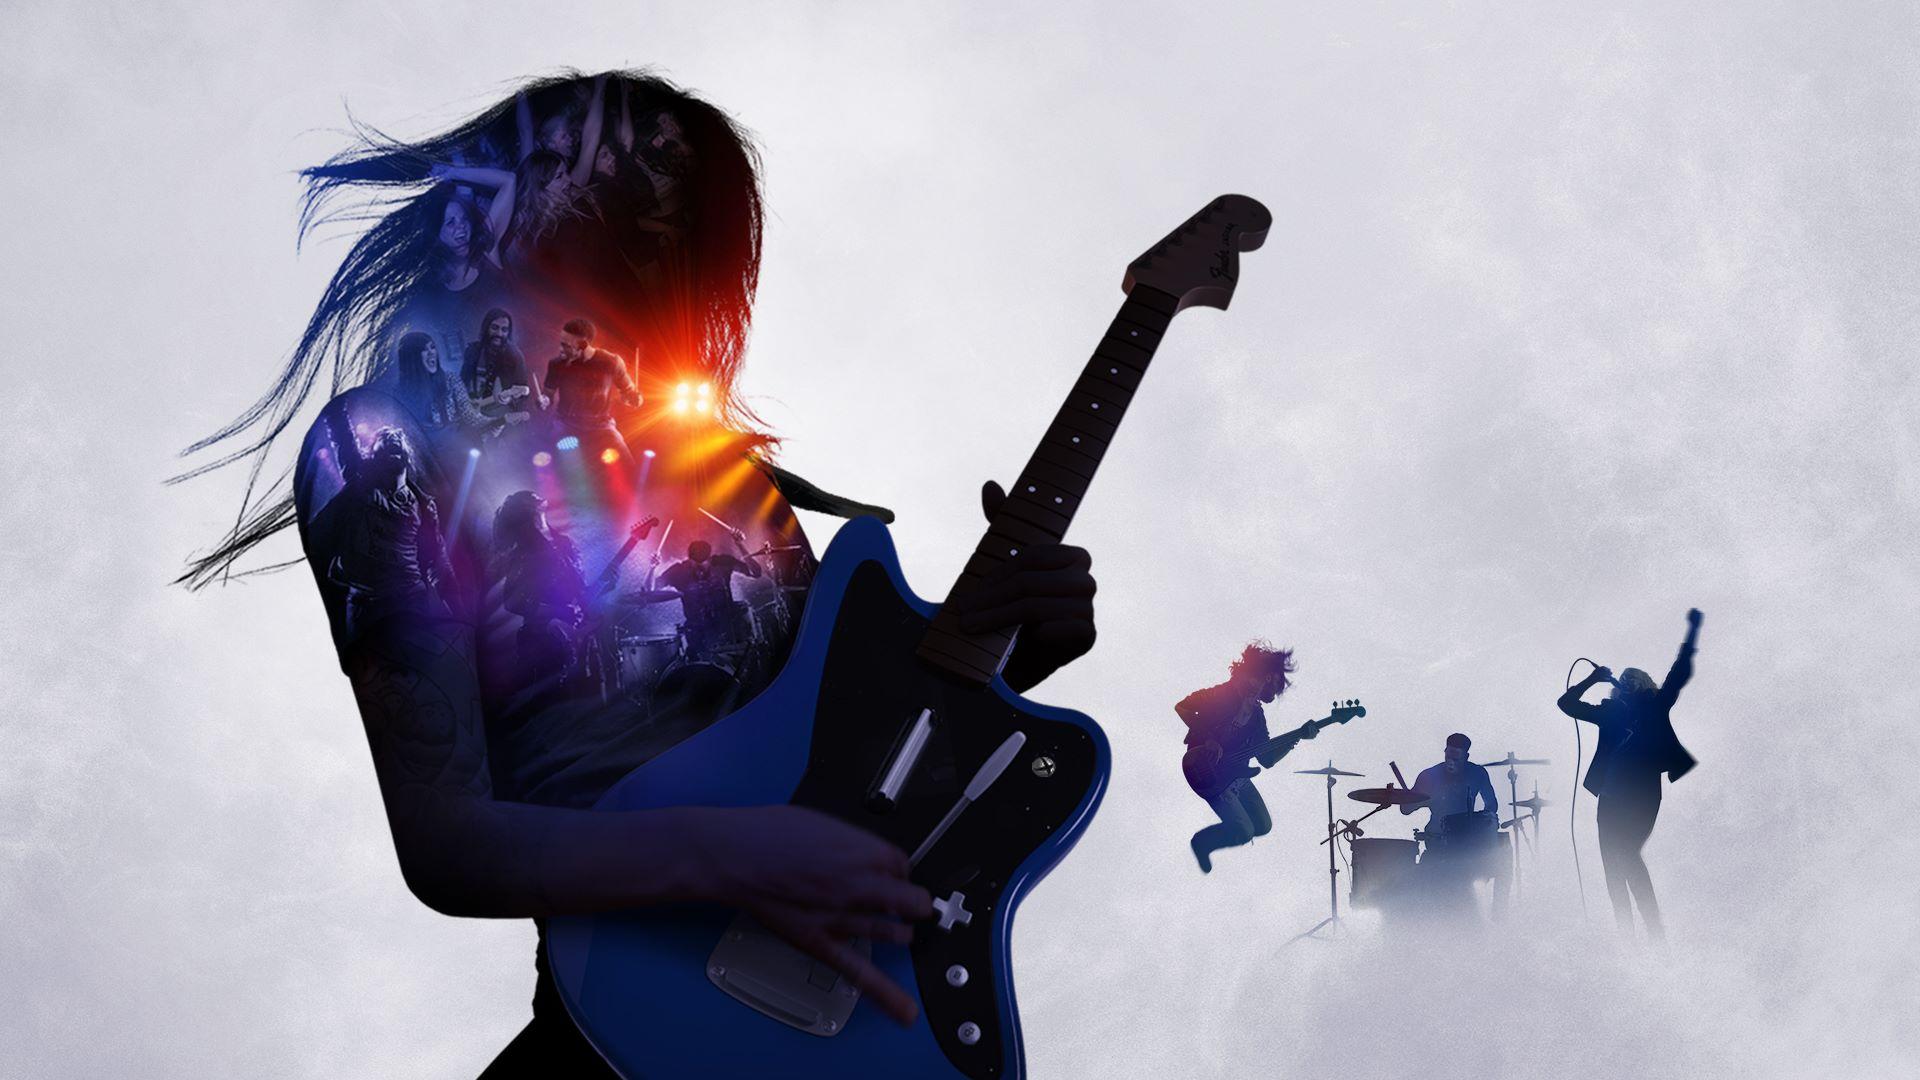 Gaming Rock Music